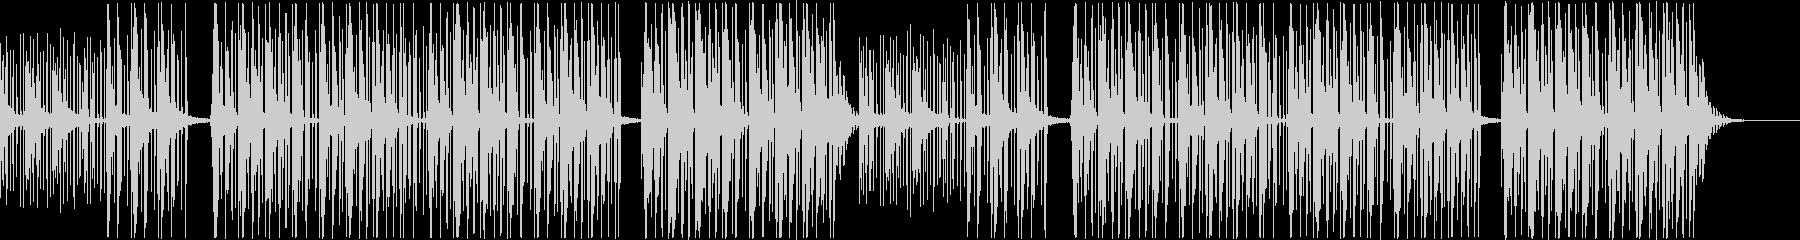 【チル】ゆったりとしたBGM・8の未再生の波形